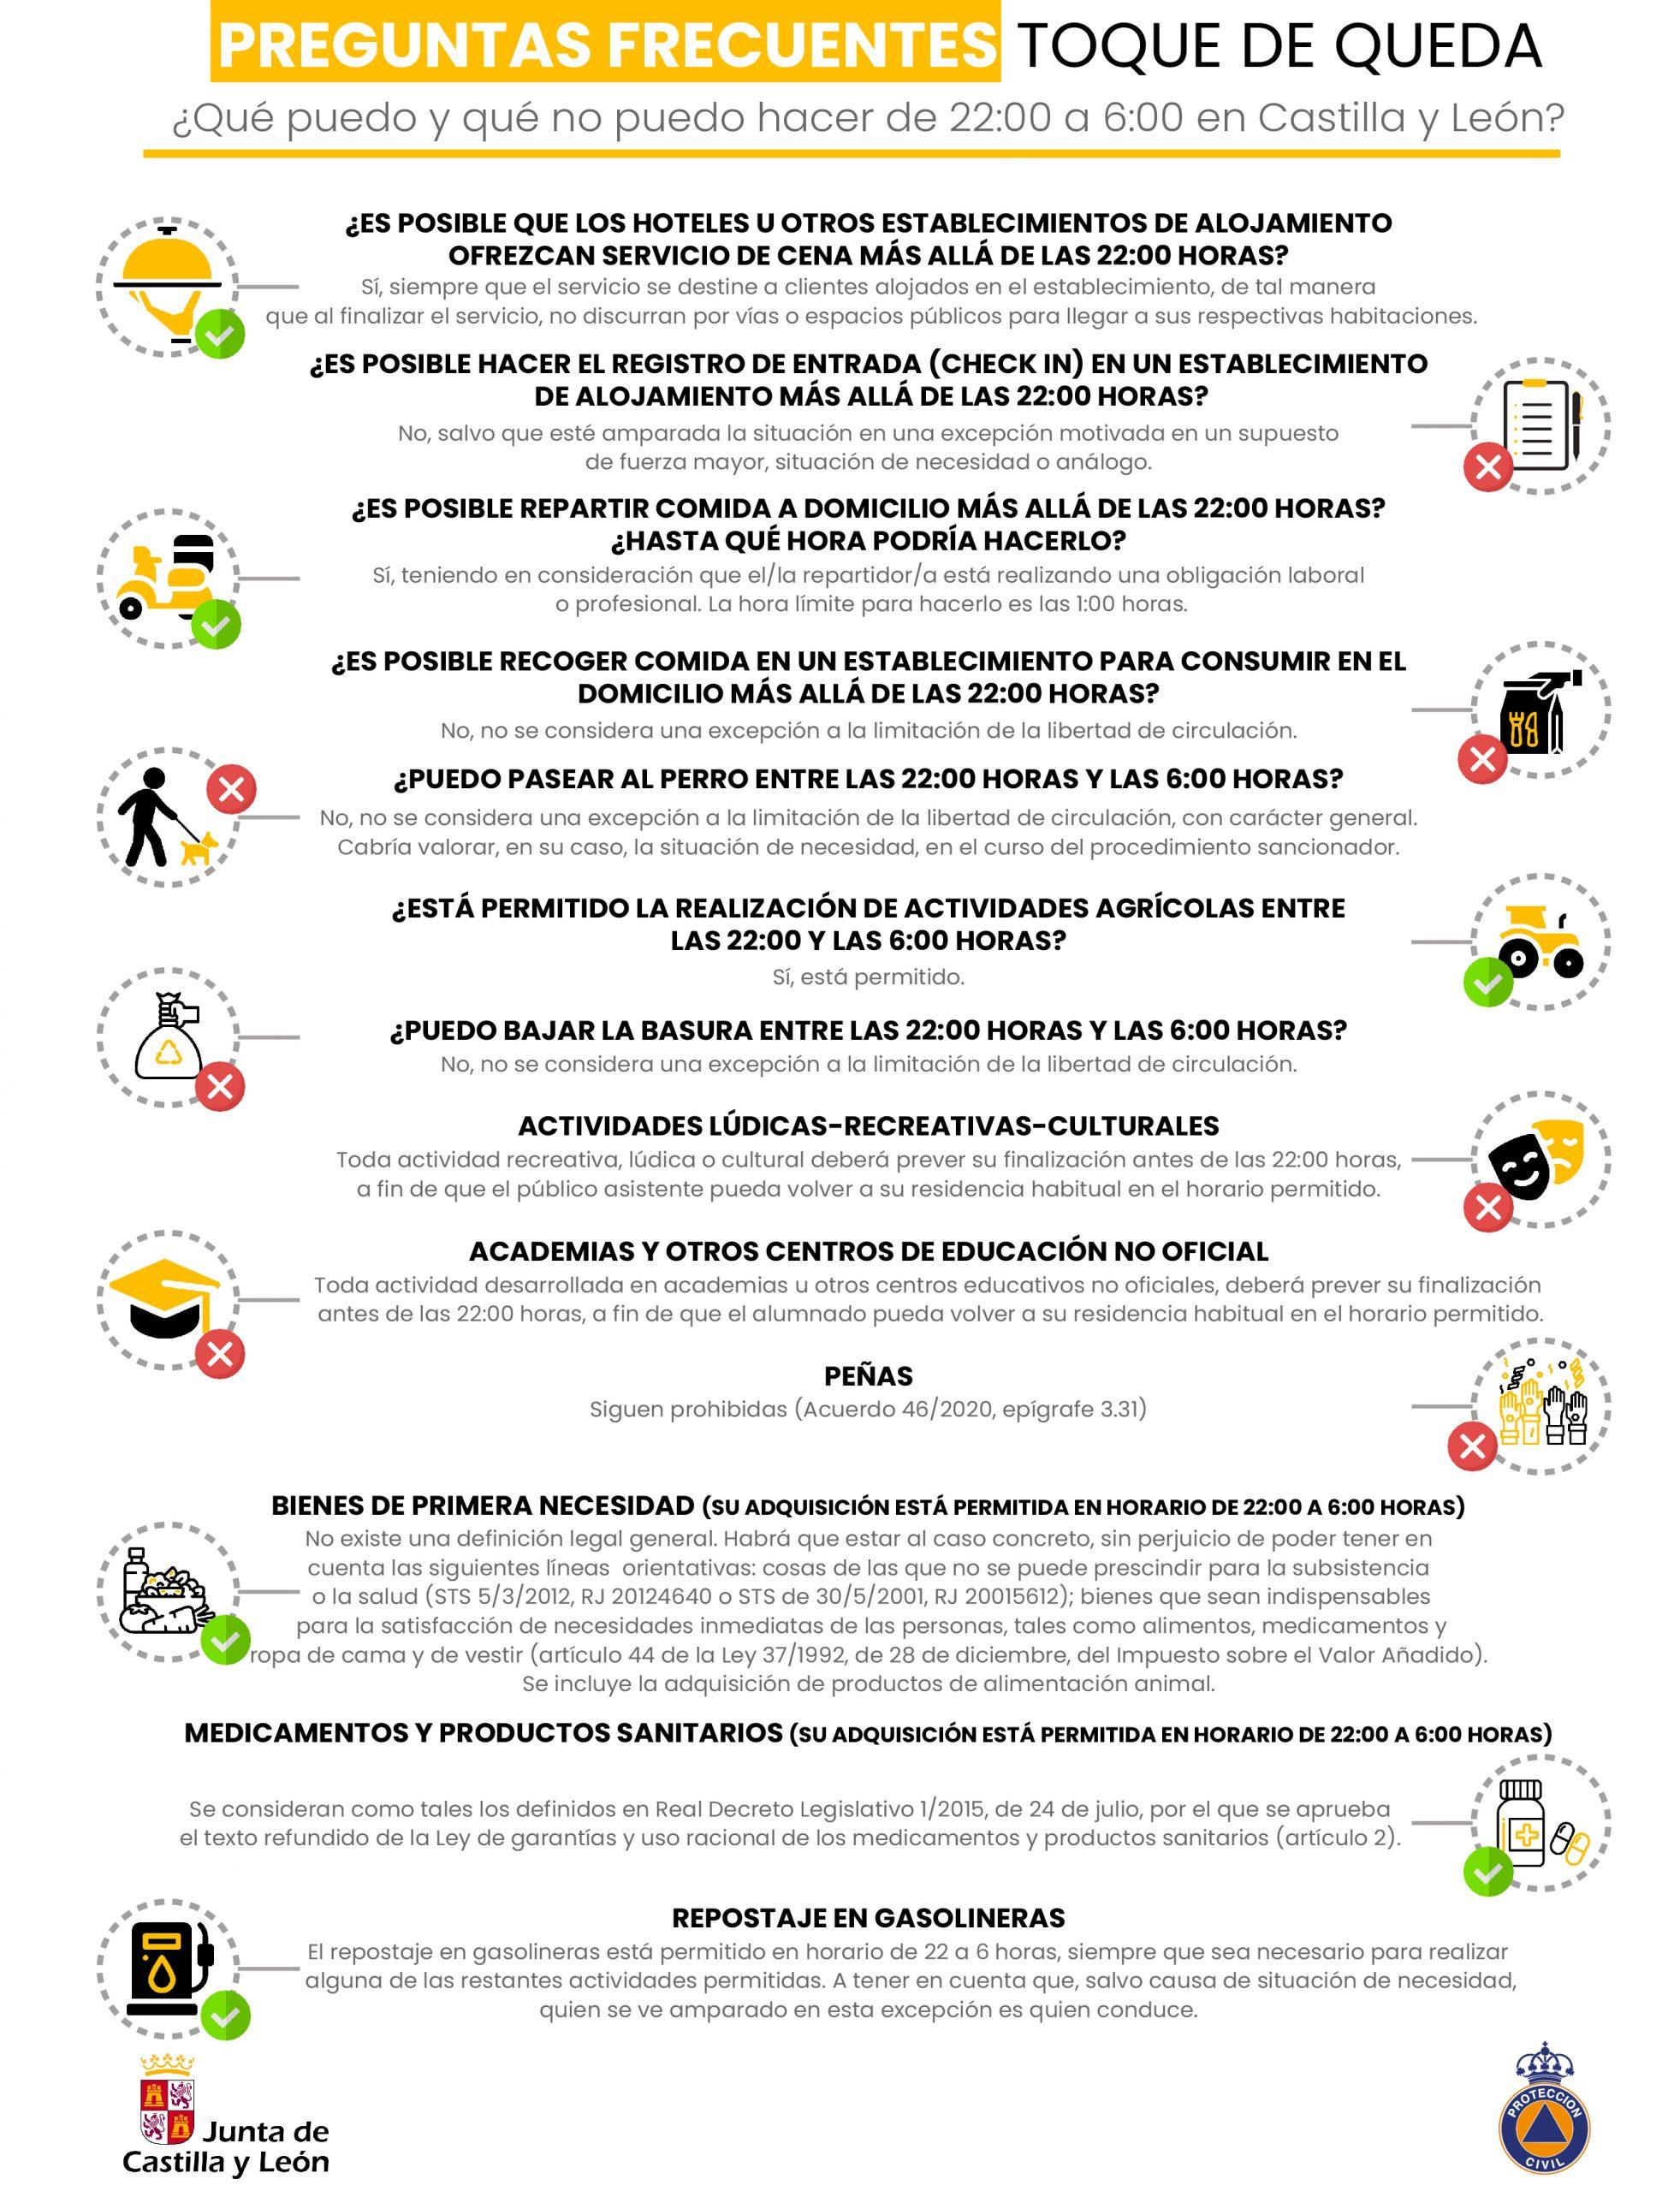 Tus dudas horarias durante el toque de queda contestadas en una guía publicada por Protección Civil 2